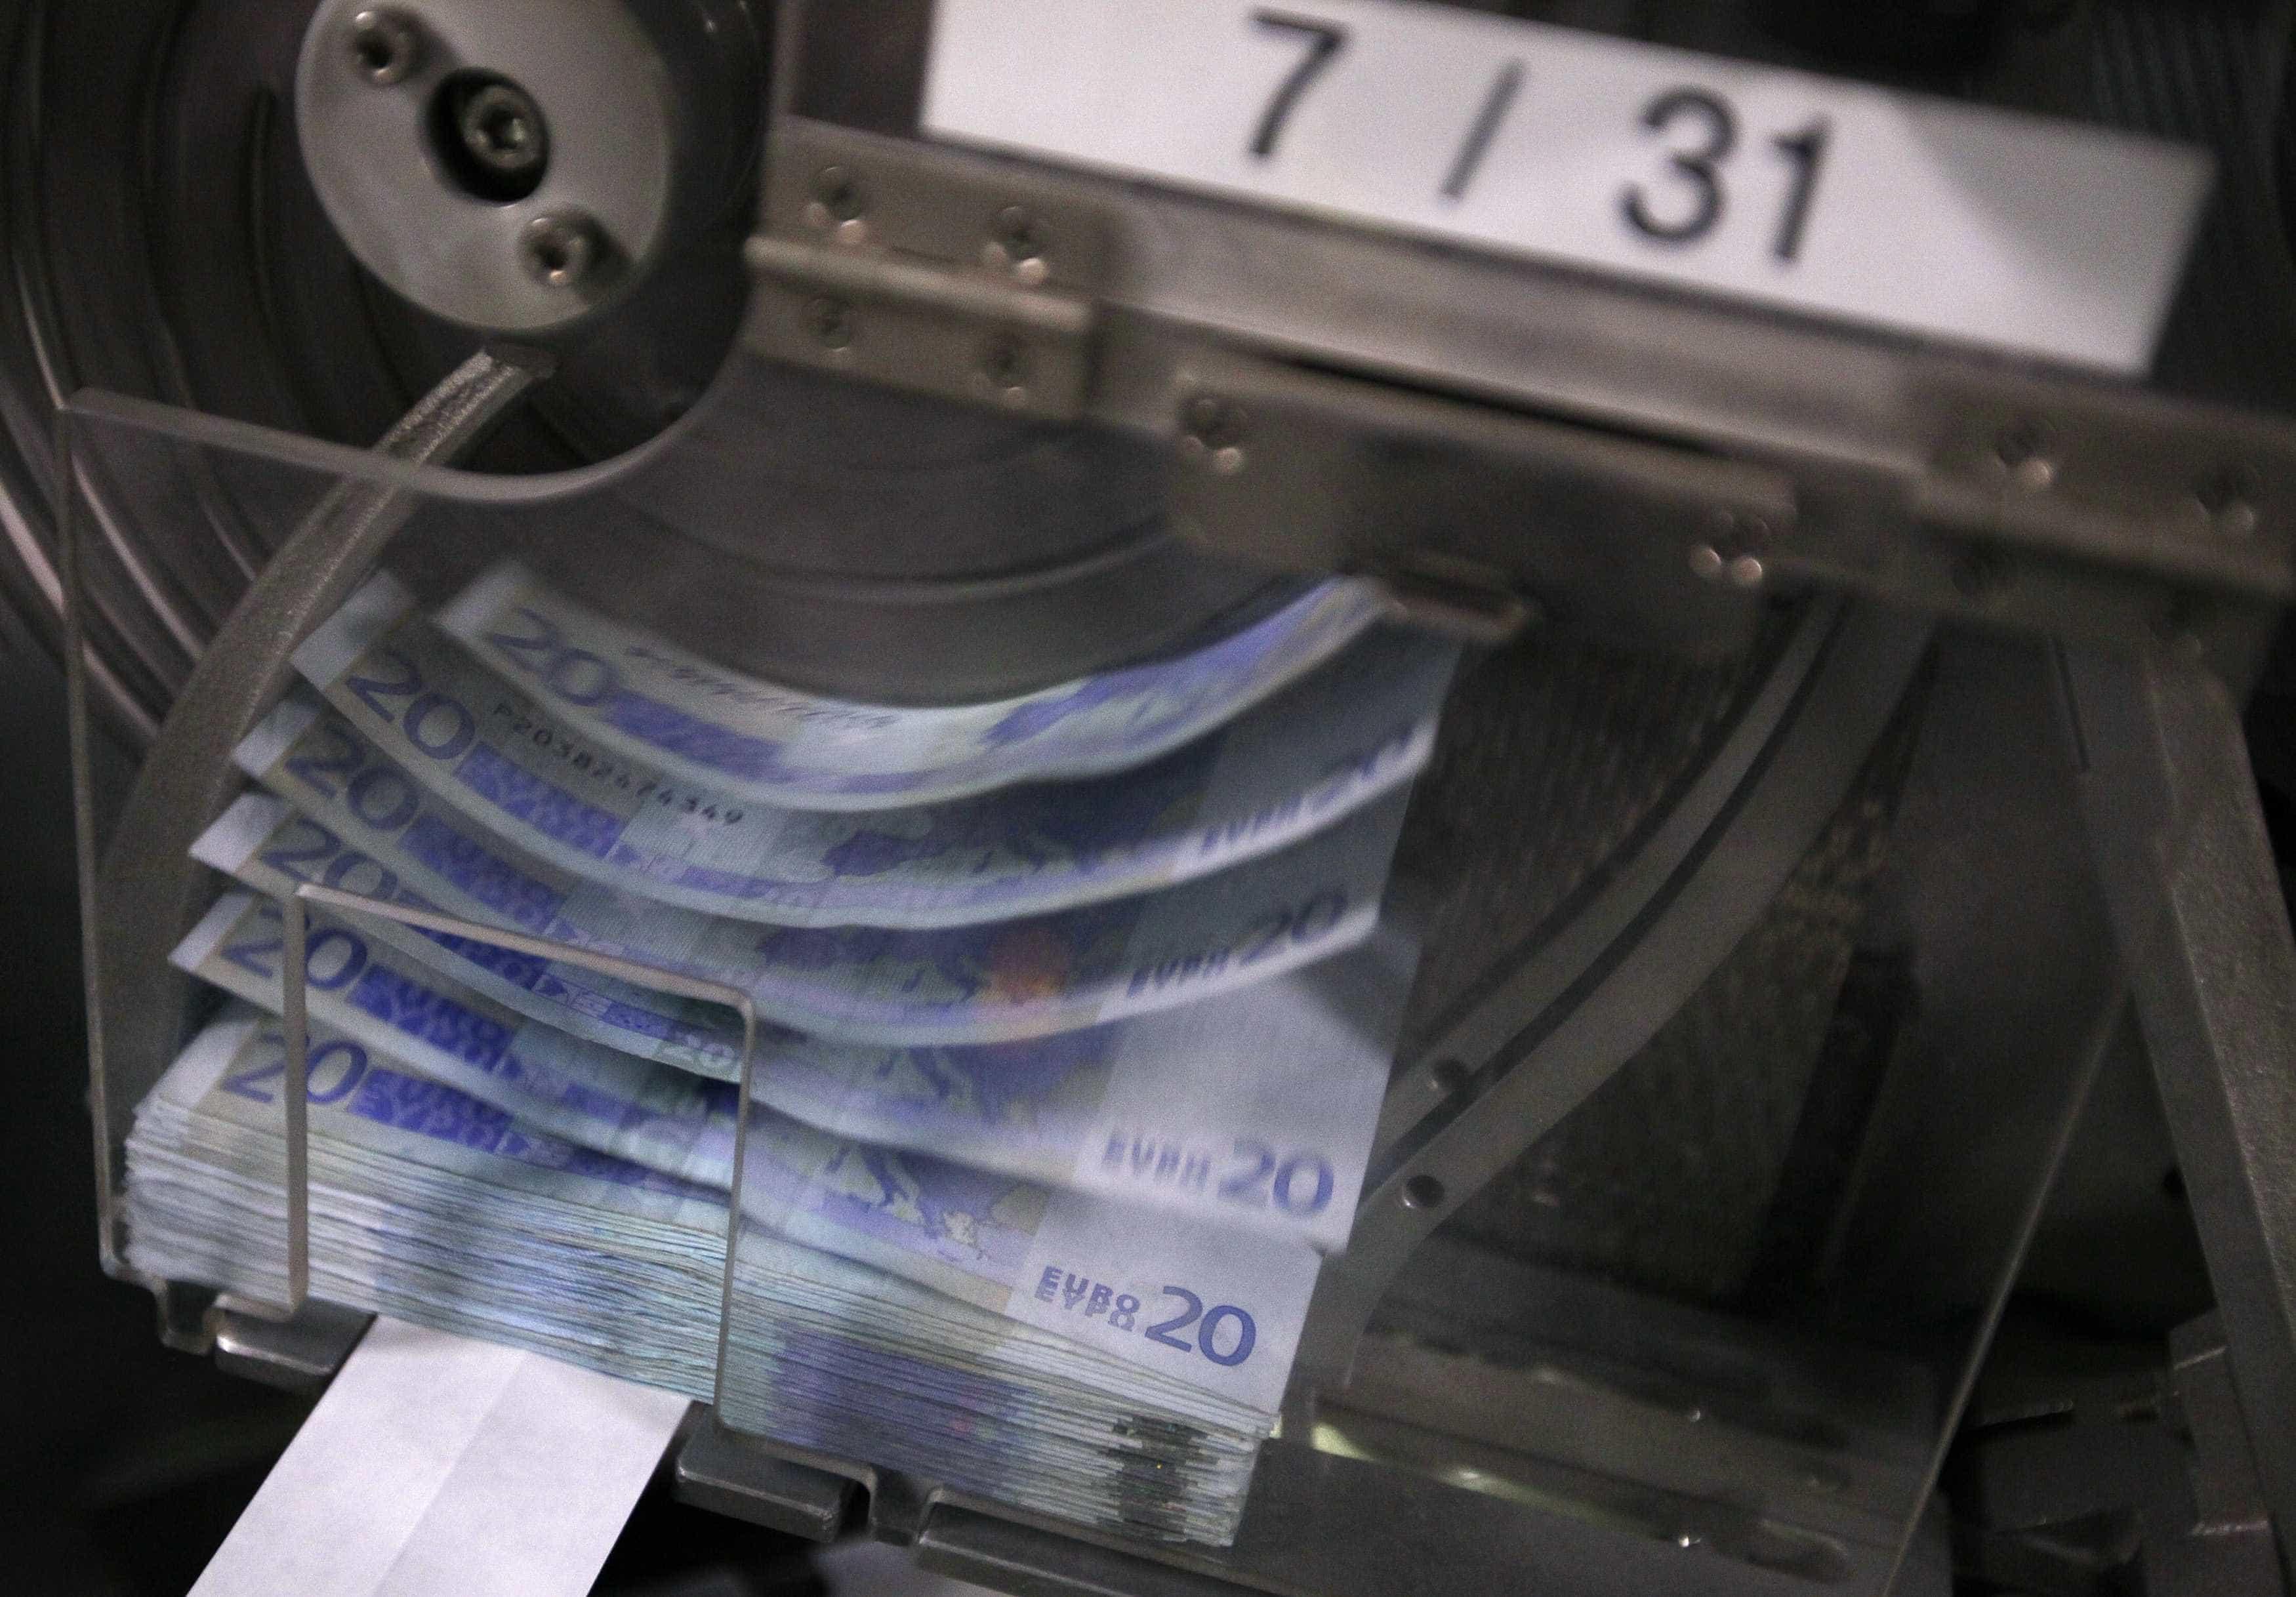 Seguradoras aumentaram lucros em 50% para 486 milhões de euros em 2018